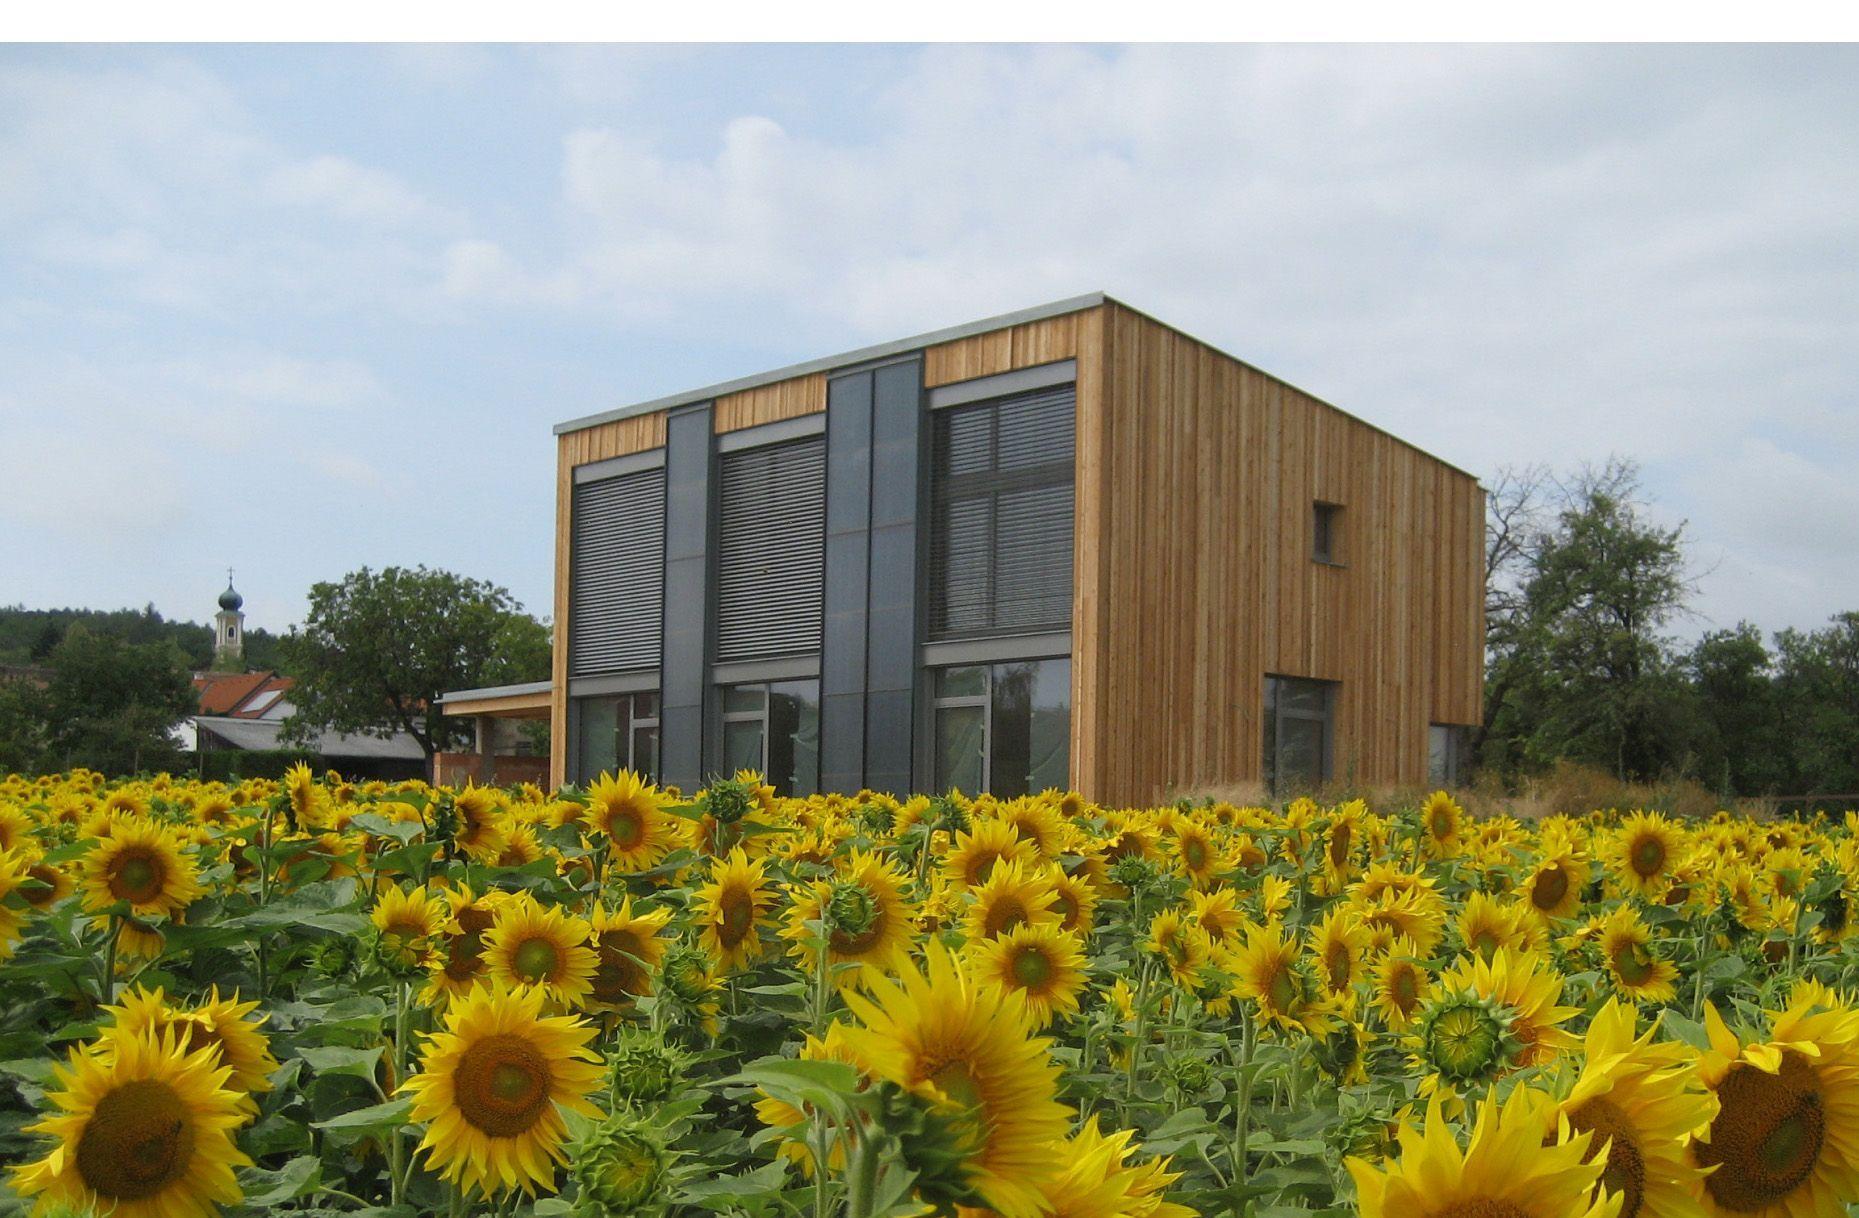 Sonnenblumen vor dem Einfamilien-Sonnenhaus Oberdürnbach von Architekt Martin Rührnschopf